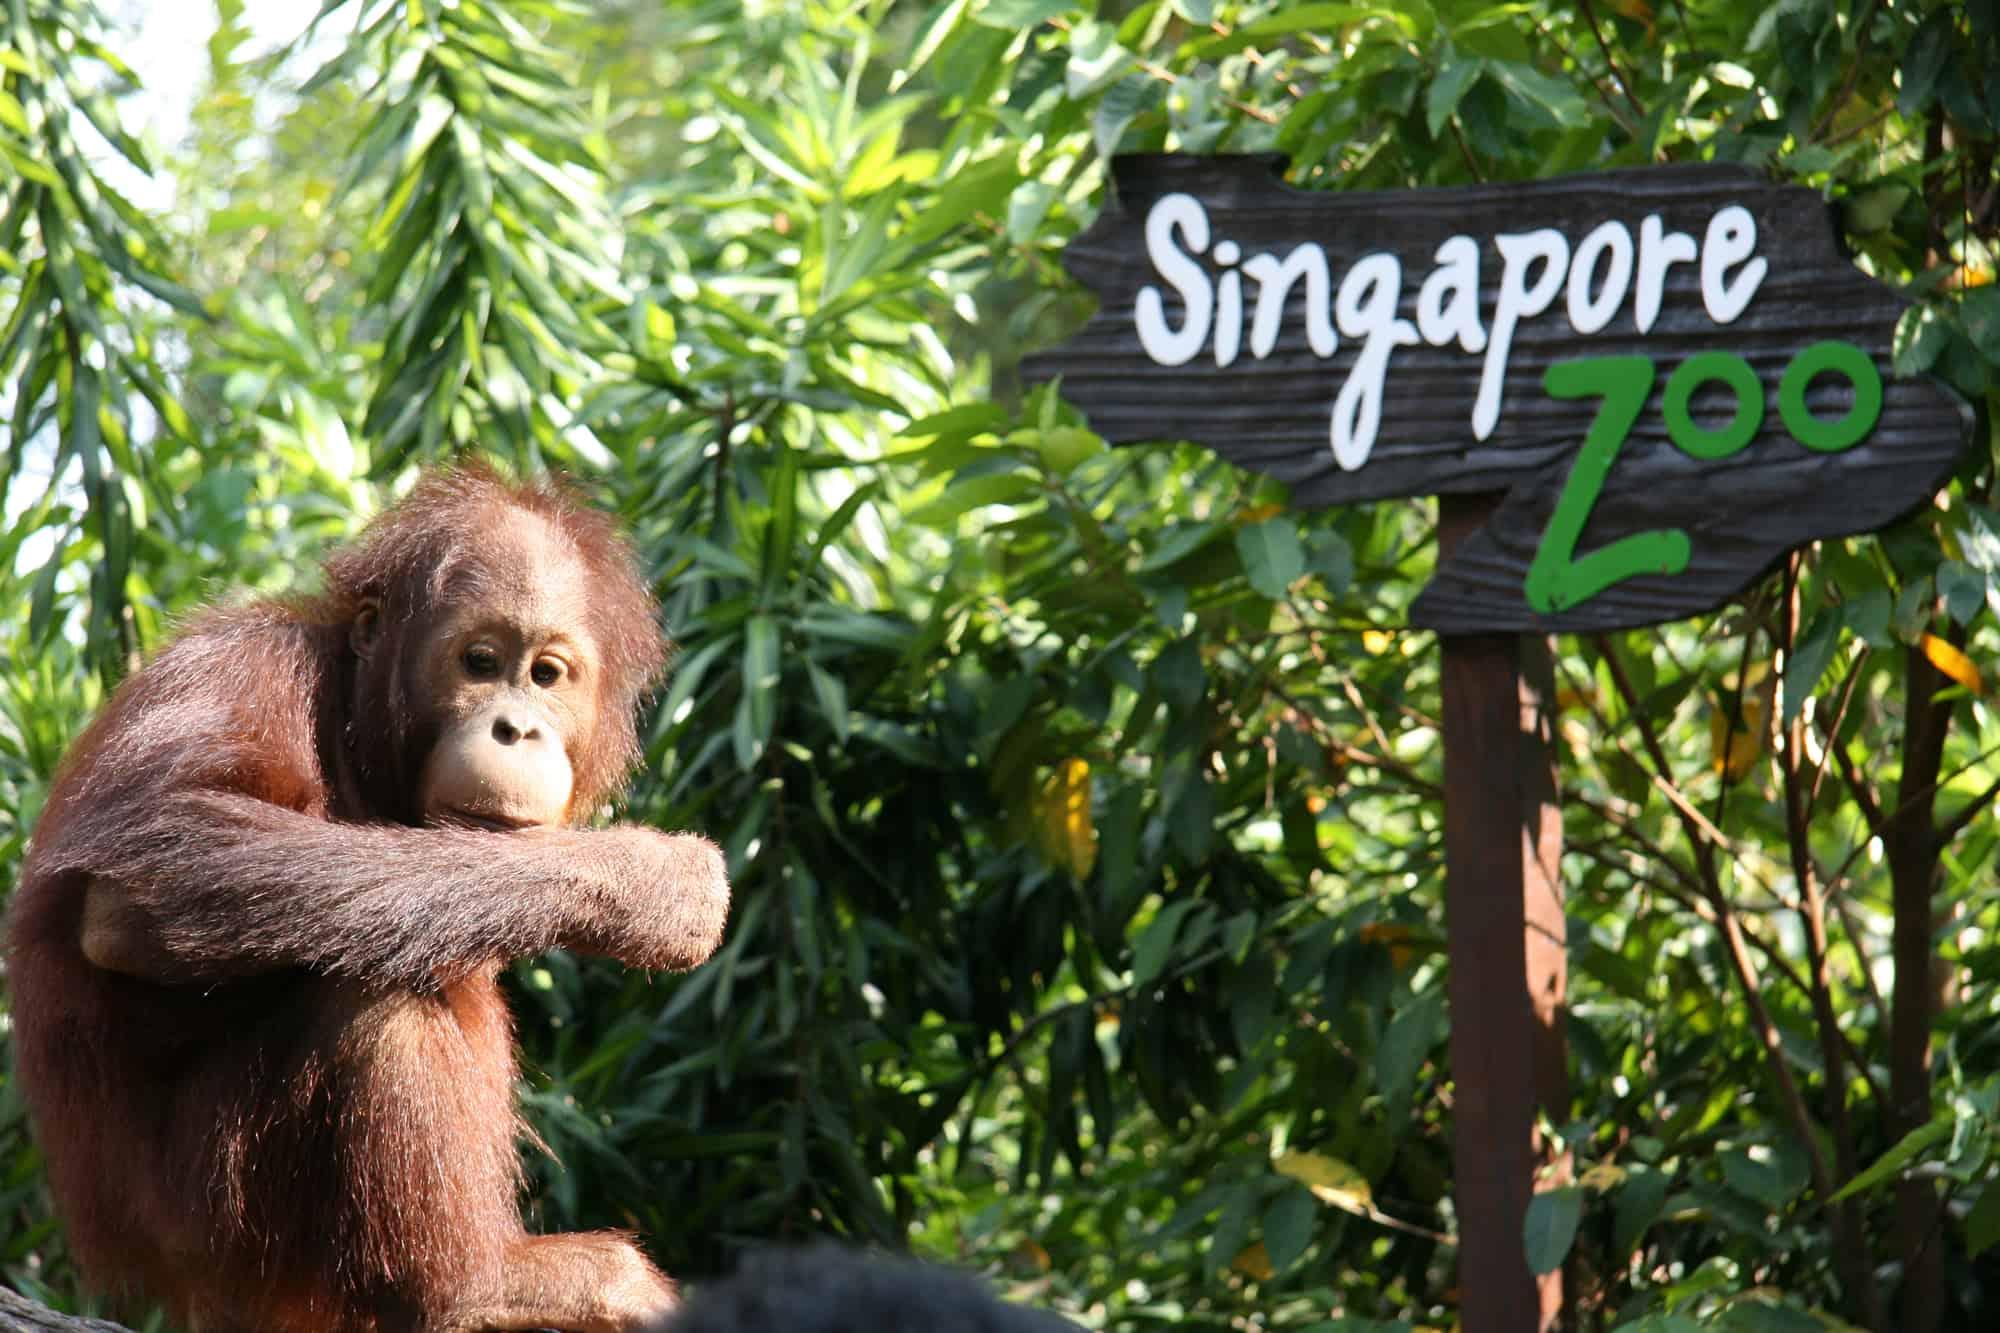 orangutang i singapore zoo singapores zoologiske have